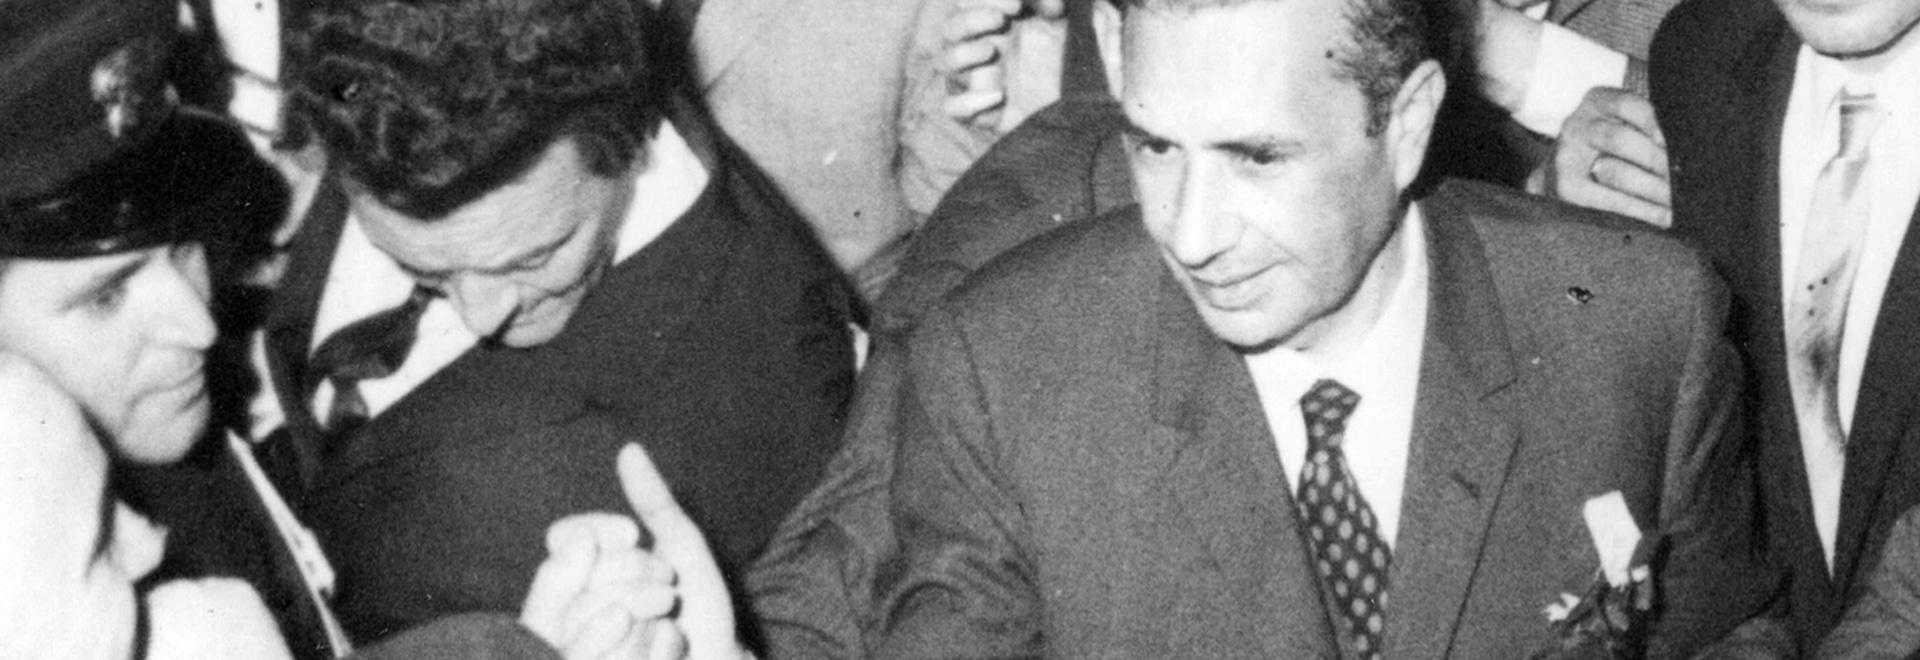 Il sequestro Moro: gli altri testimoni